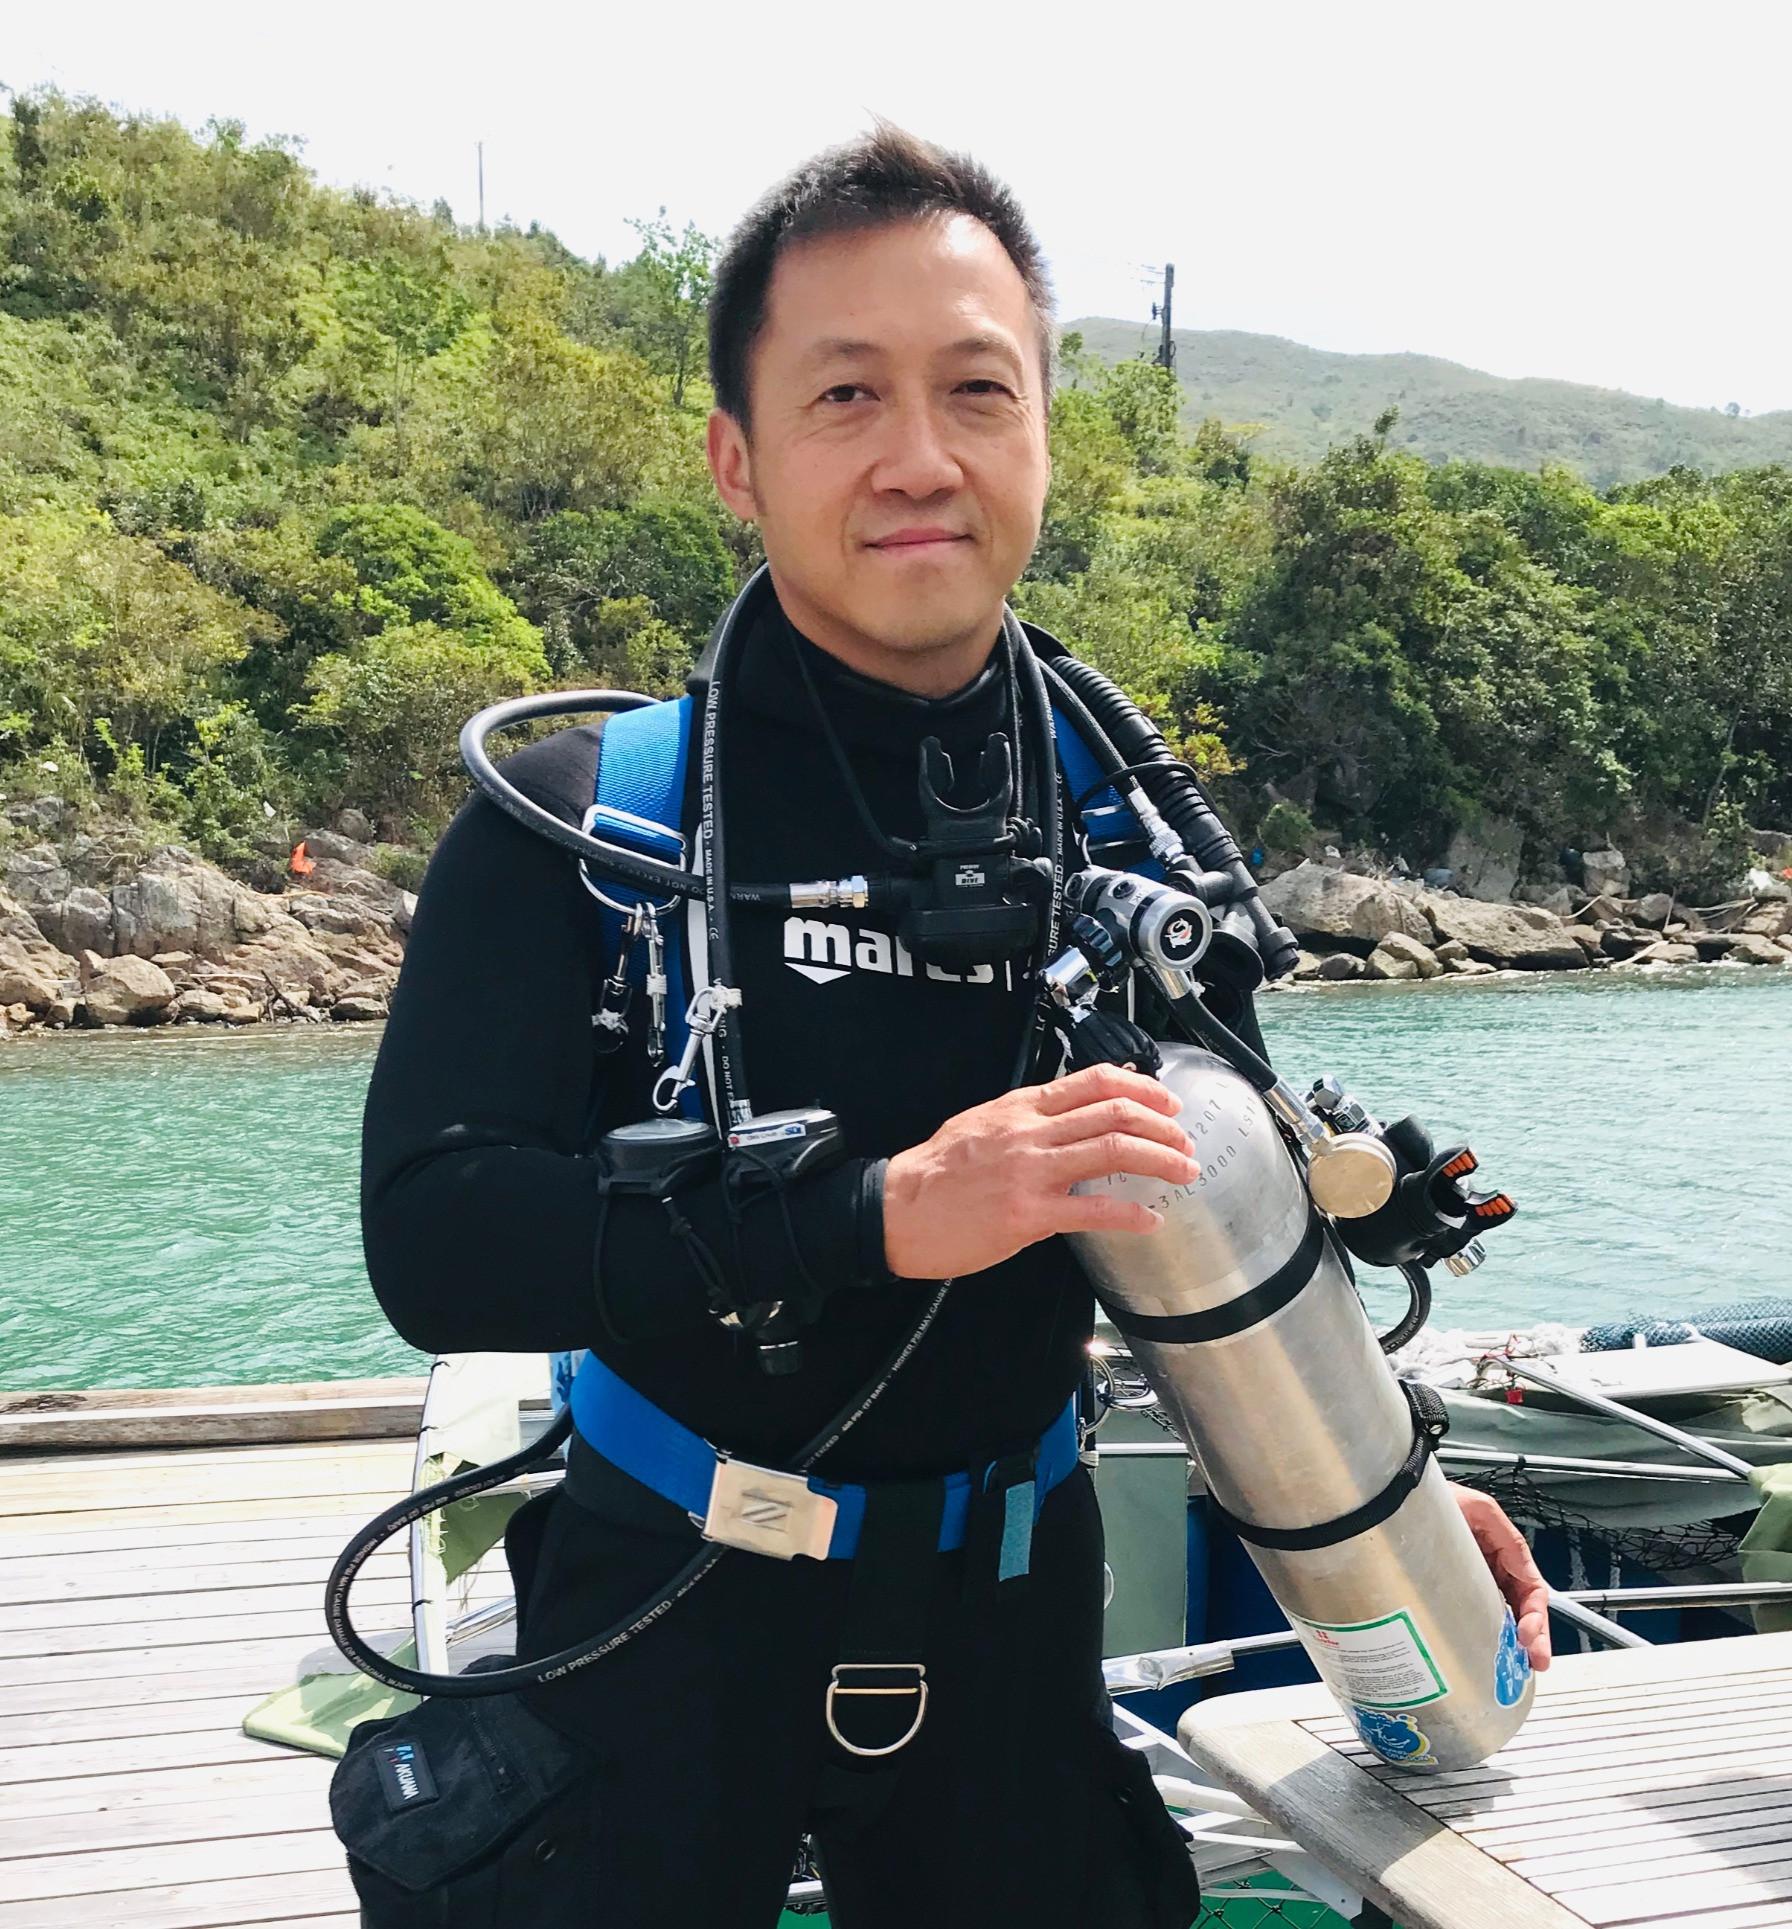 SDI SOLO Diver - 獨潛潛水員(及教練課程)